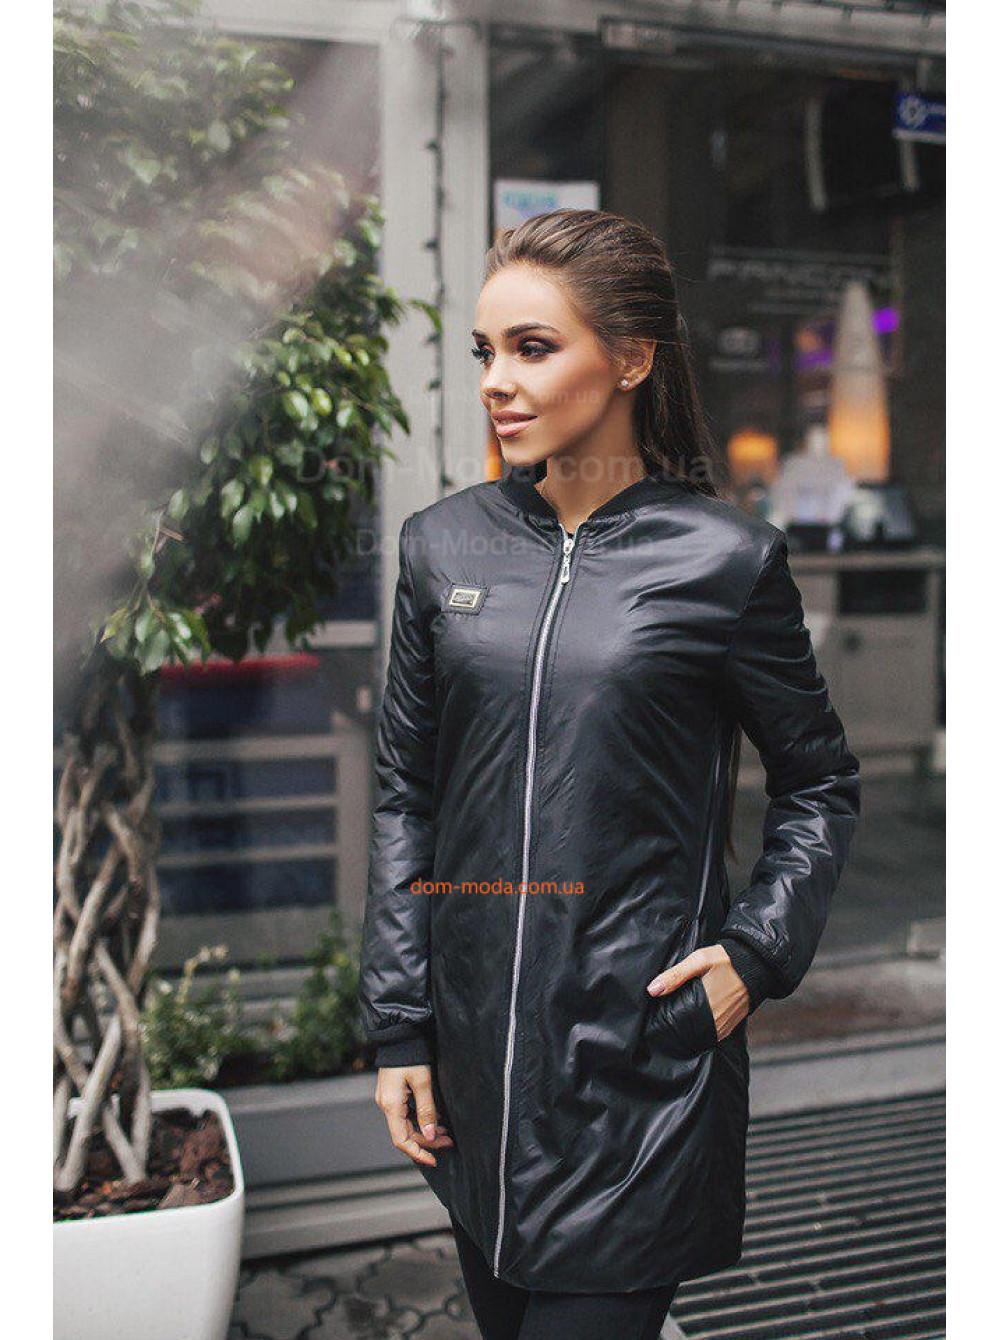 Подовжена осіння куртка в спортивному стилі купити за 430 грн SF ... 0d0d30f3552c5